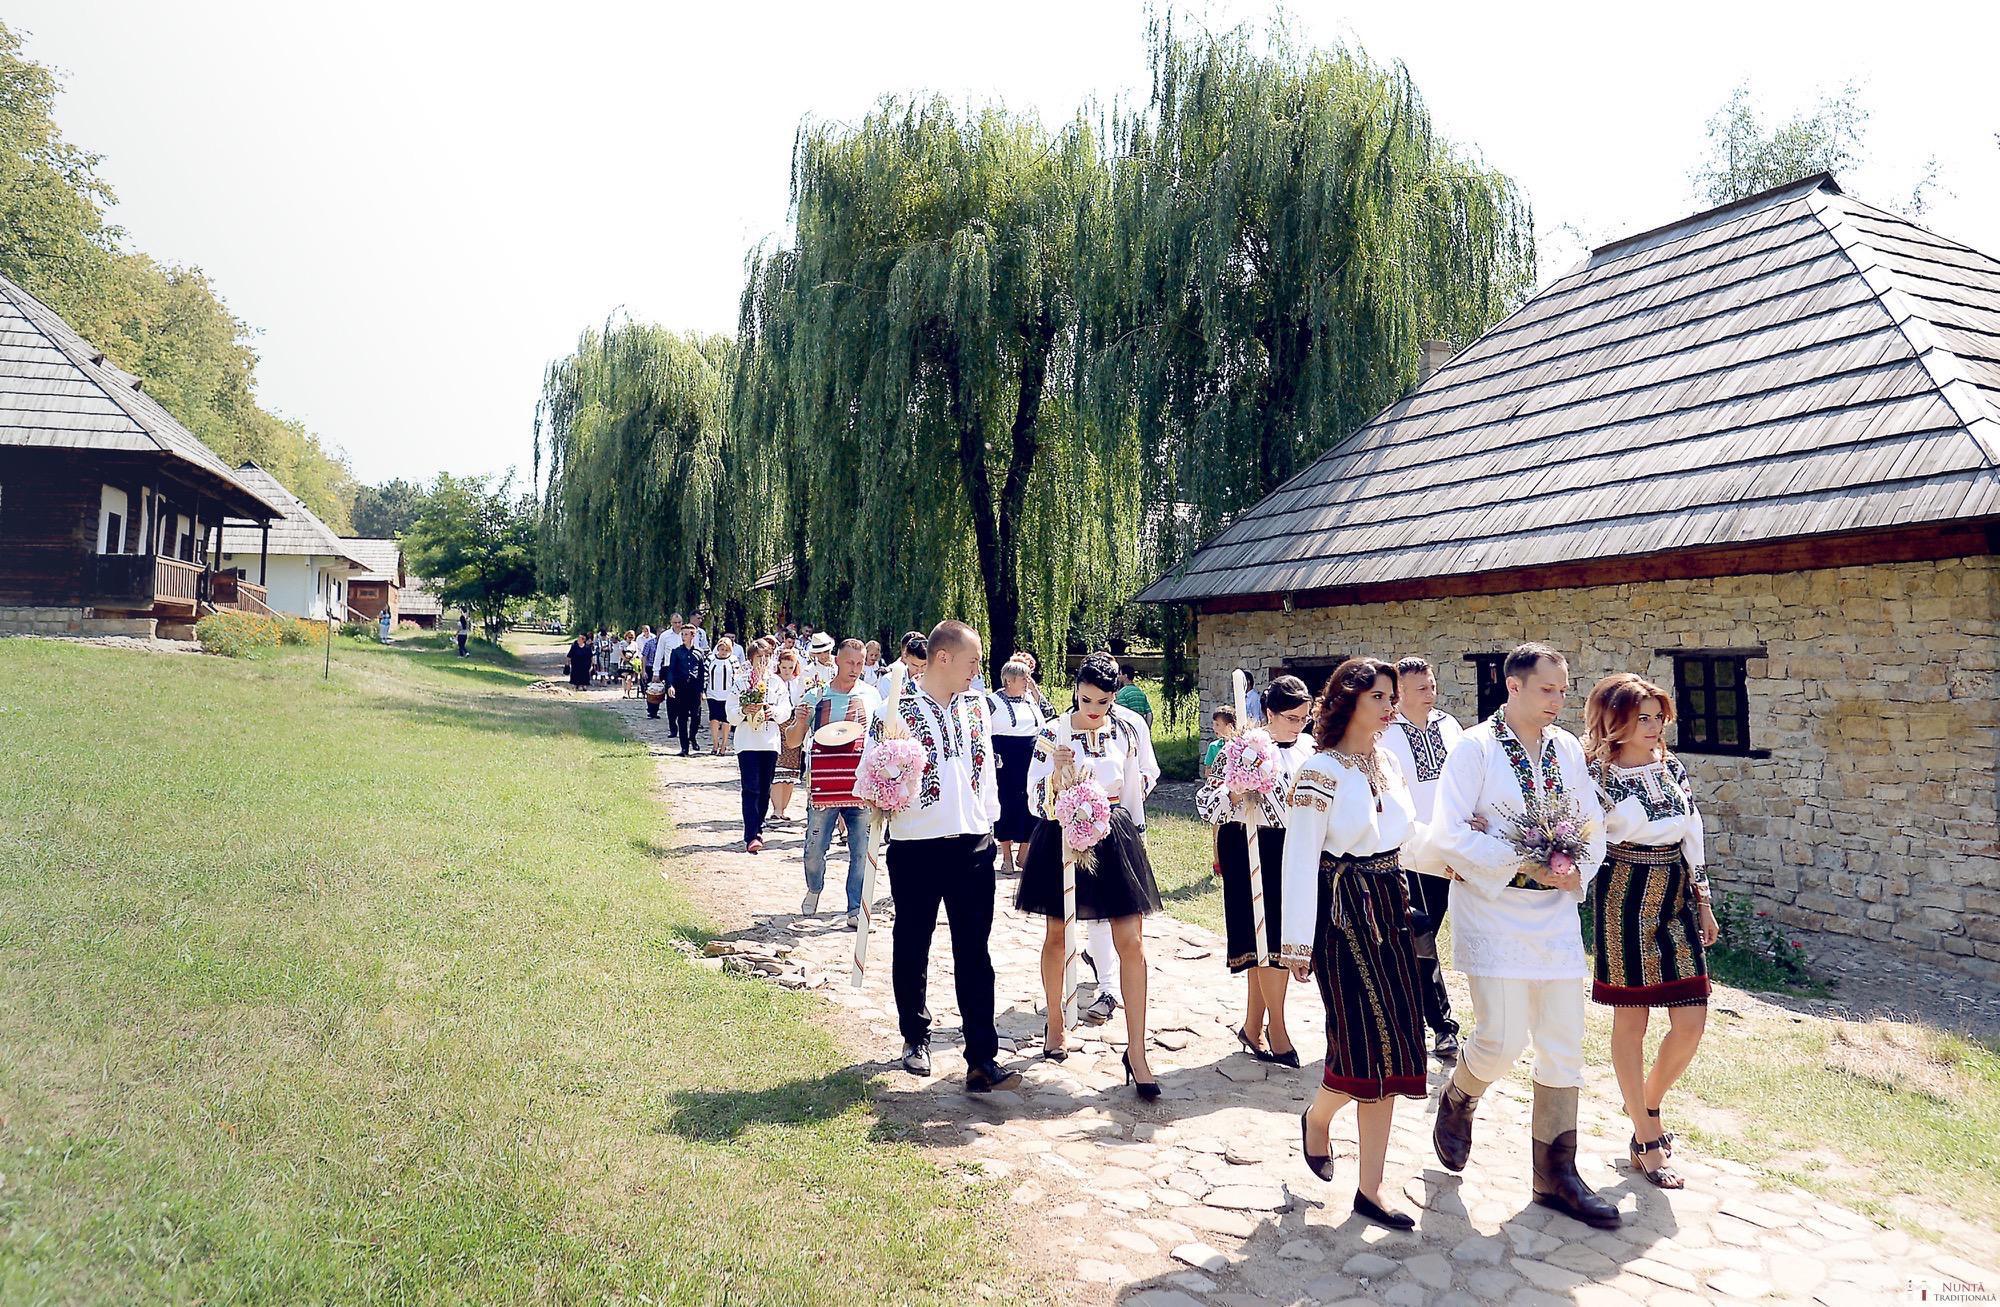 Povești Nunți Tradiționale - Iulia și Andrei. Nuntă tradițională în Bucovina. 40